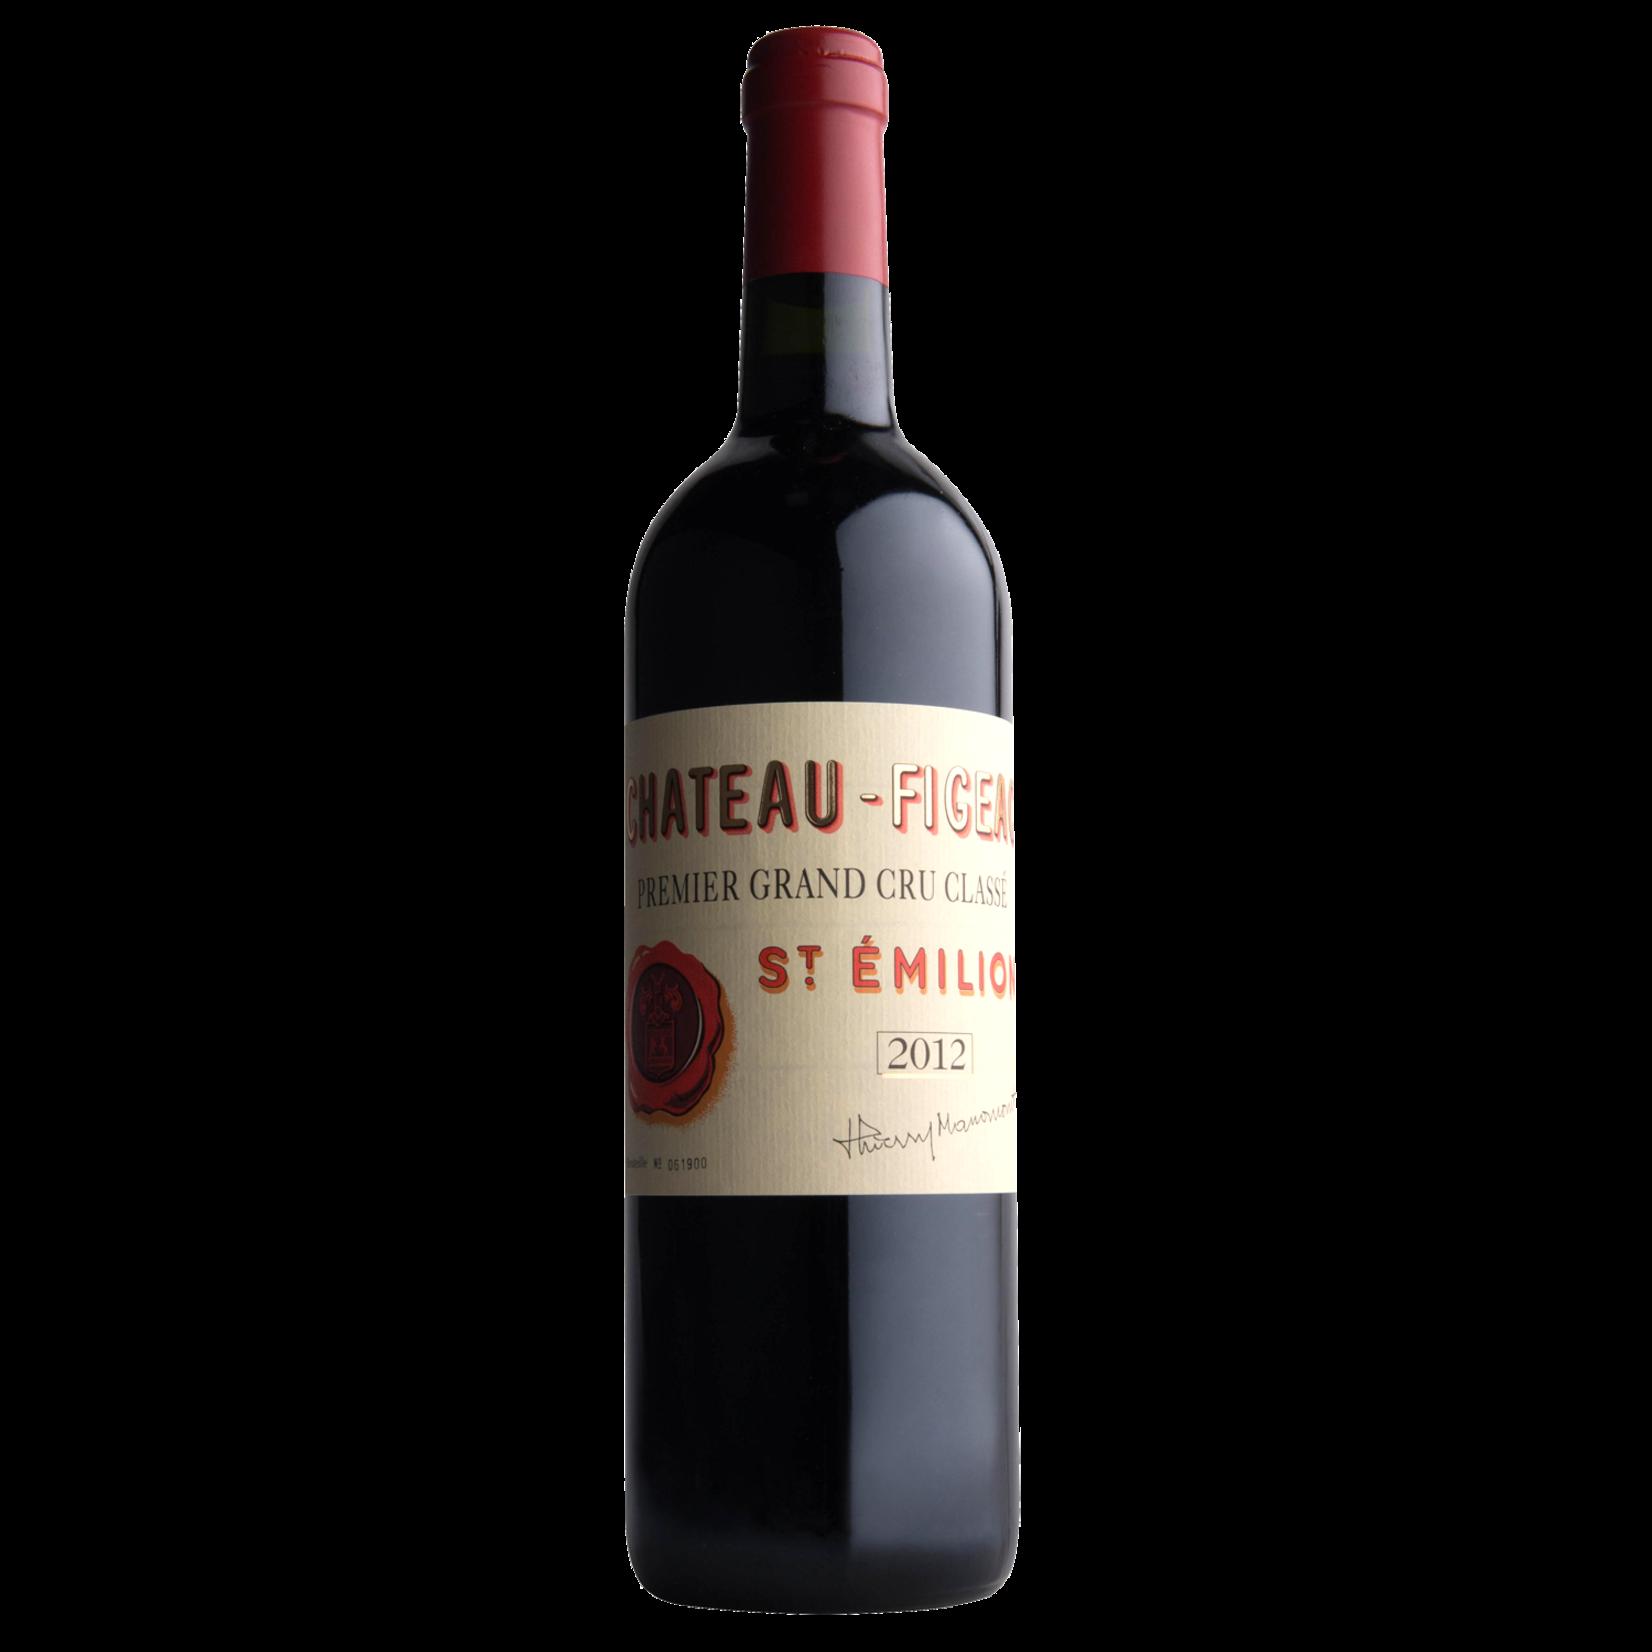 Wine Chateau Figeac 2012 1.5L